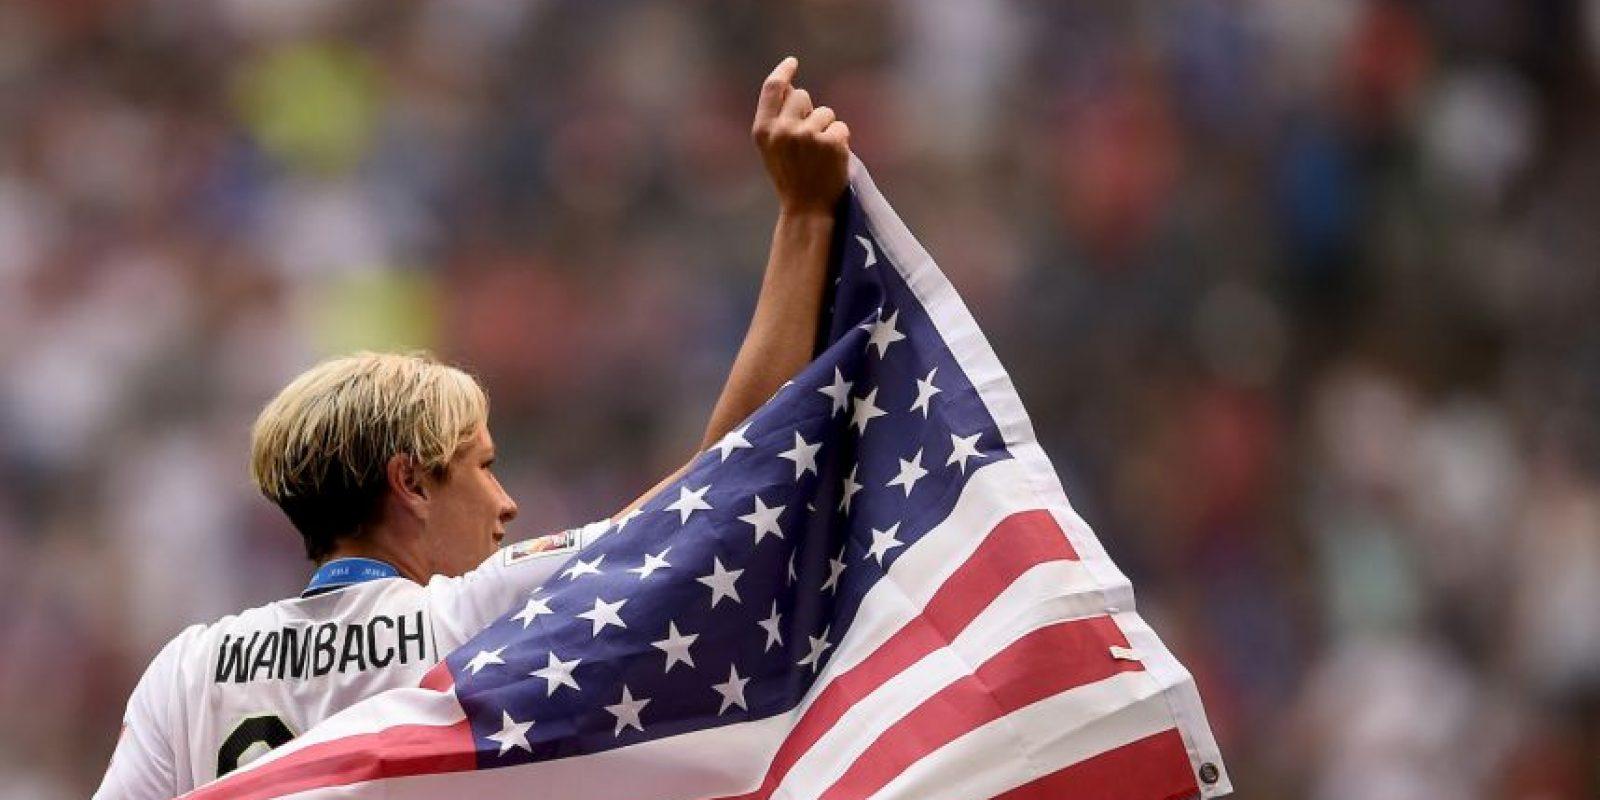 Con 183 goles, es la máxima anotadora de selecciones nacionales en partidos internacionales (incluyendo mujeres y hombres). Foto:Getty Images